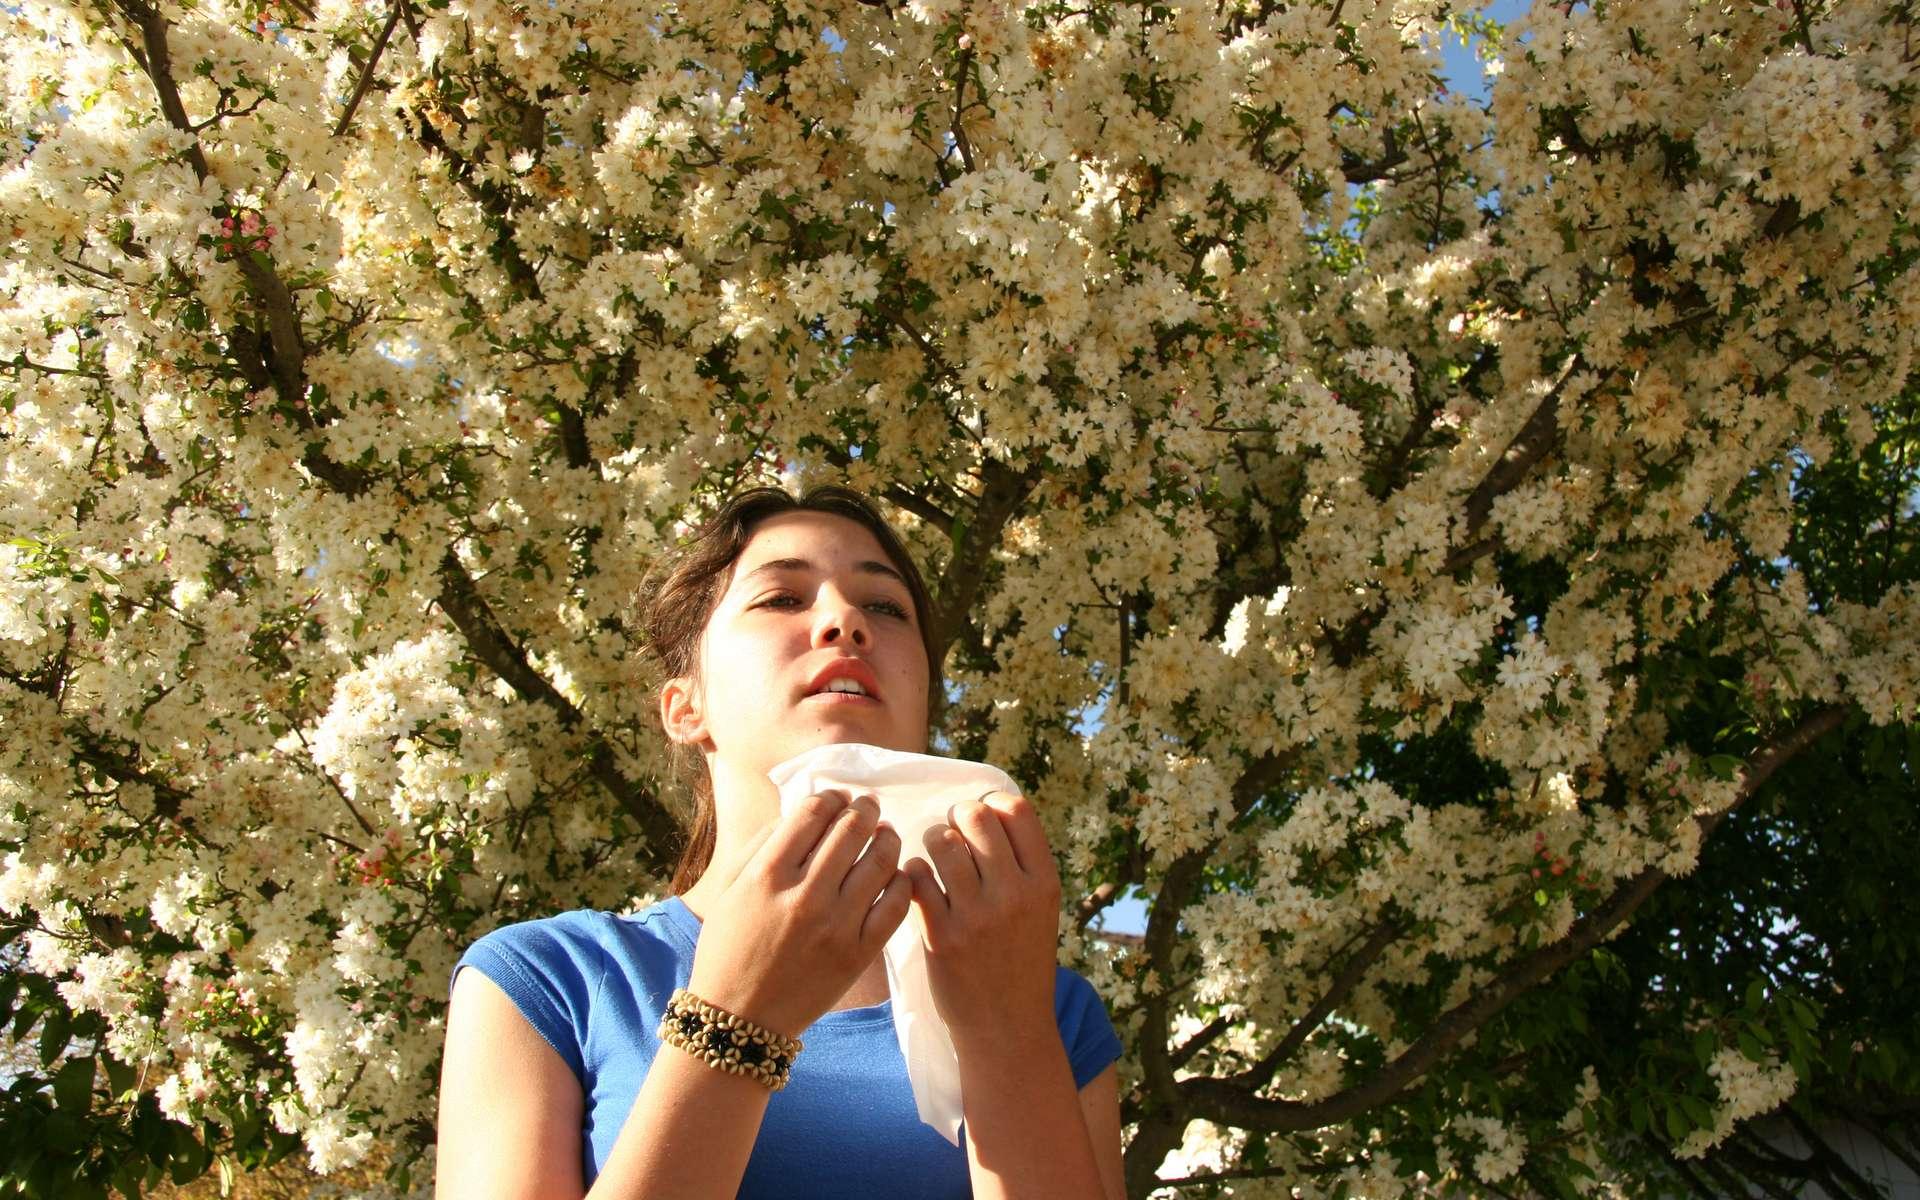 La nature aussi est source d'allergie - Crédit photo cathy stancil - Fotolia